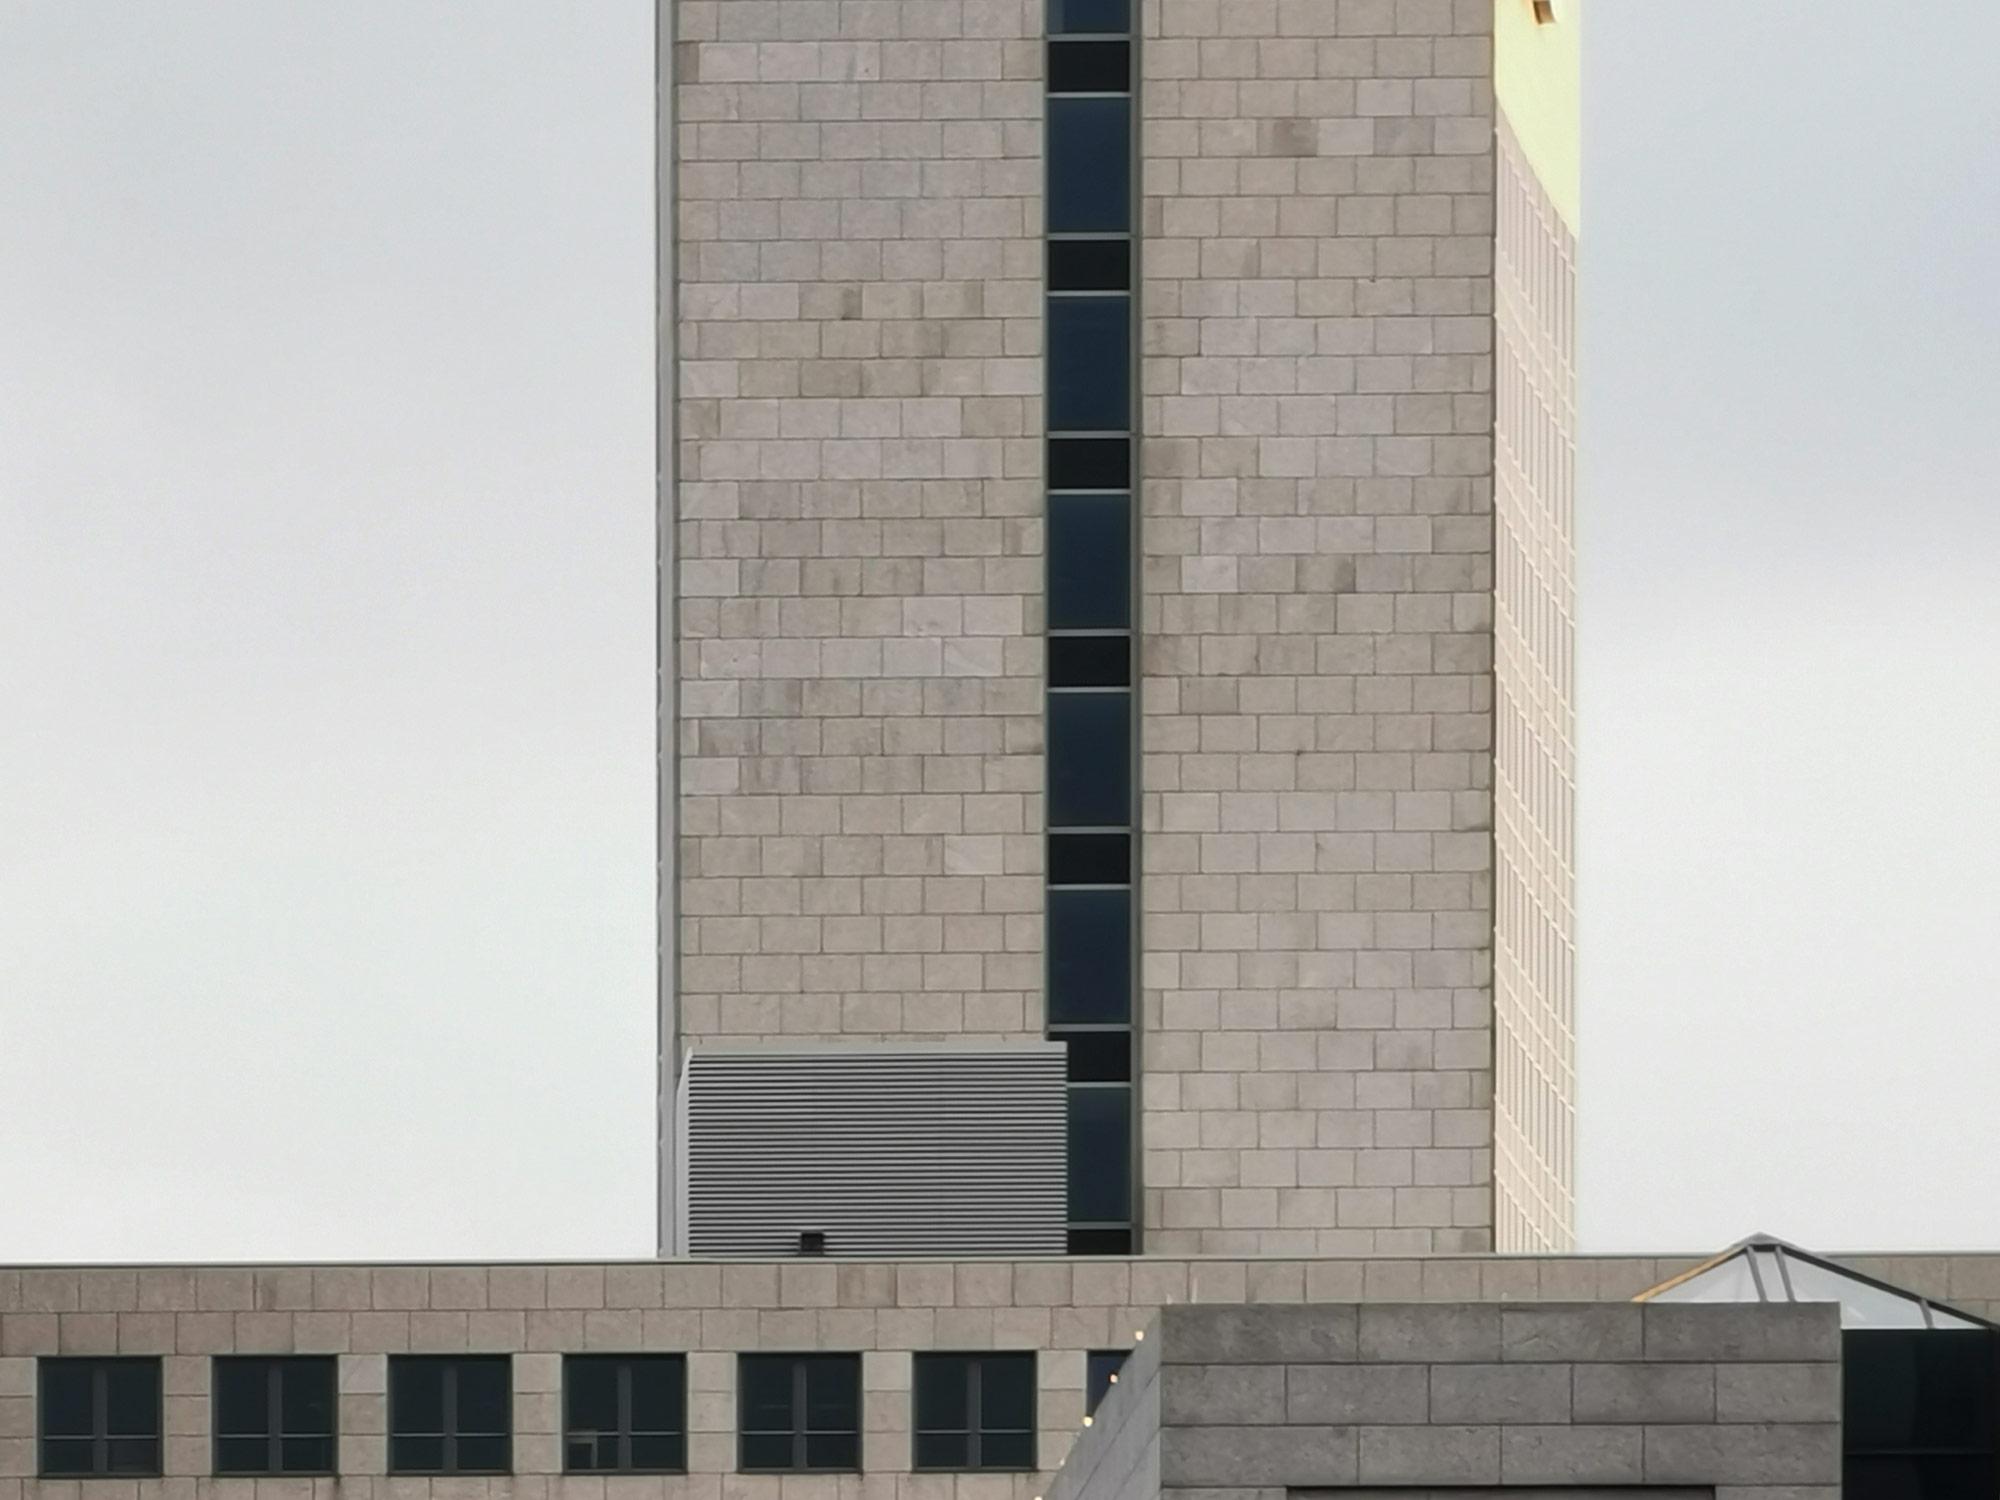 Hochhaus-Scheibe - Horizont Tower Eschborn - Fassade